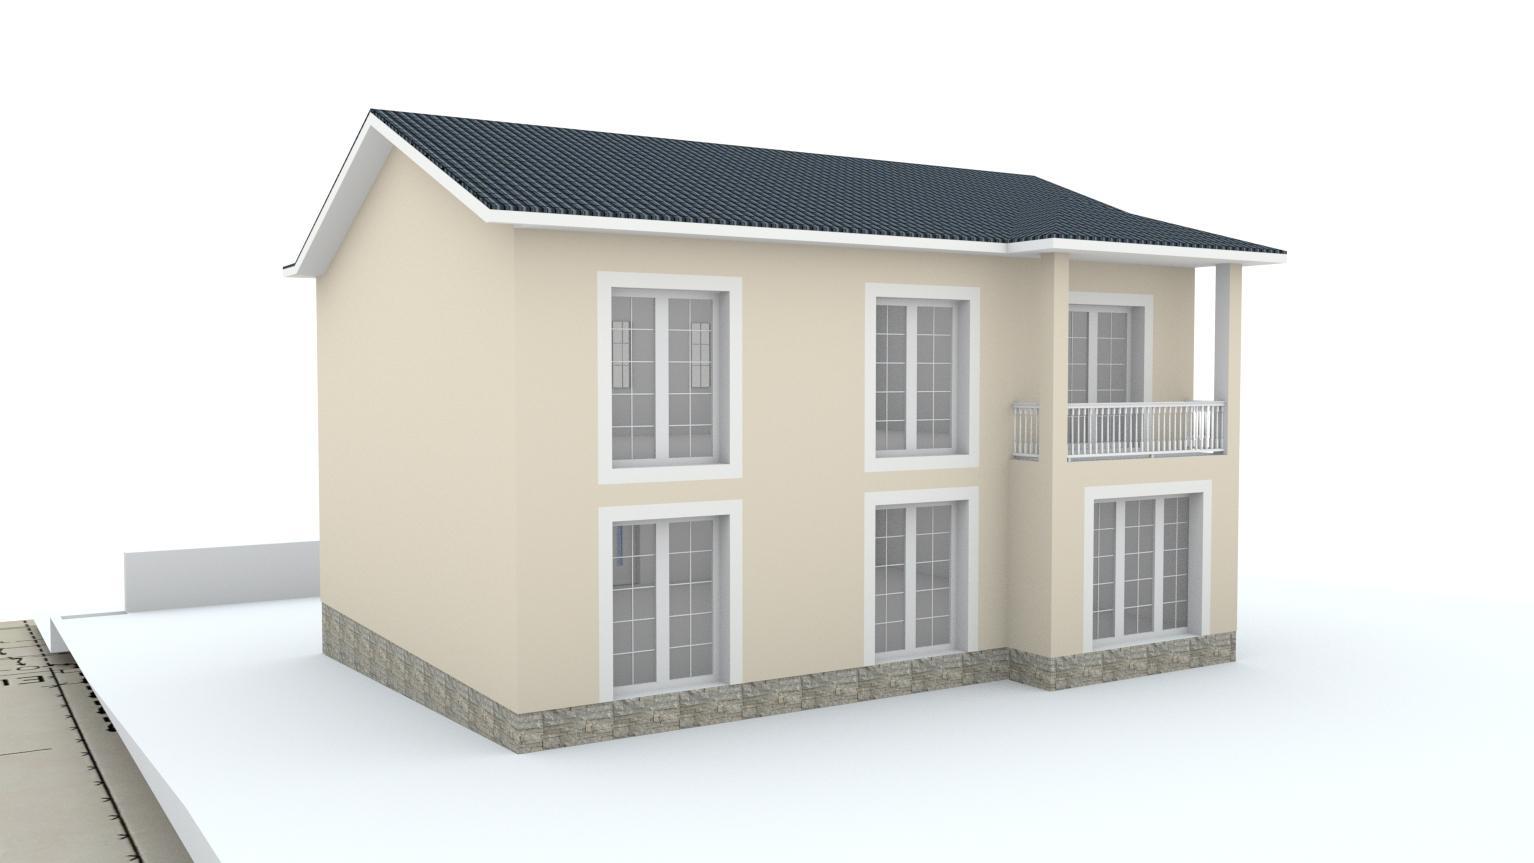 Návrh fasády rodinného domu Bratislava - Obrázok č. 4